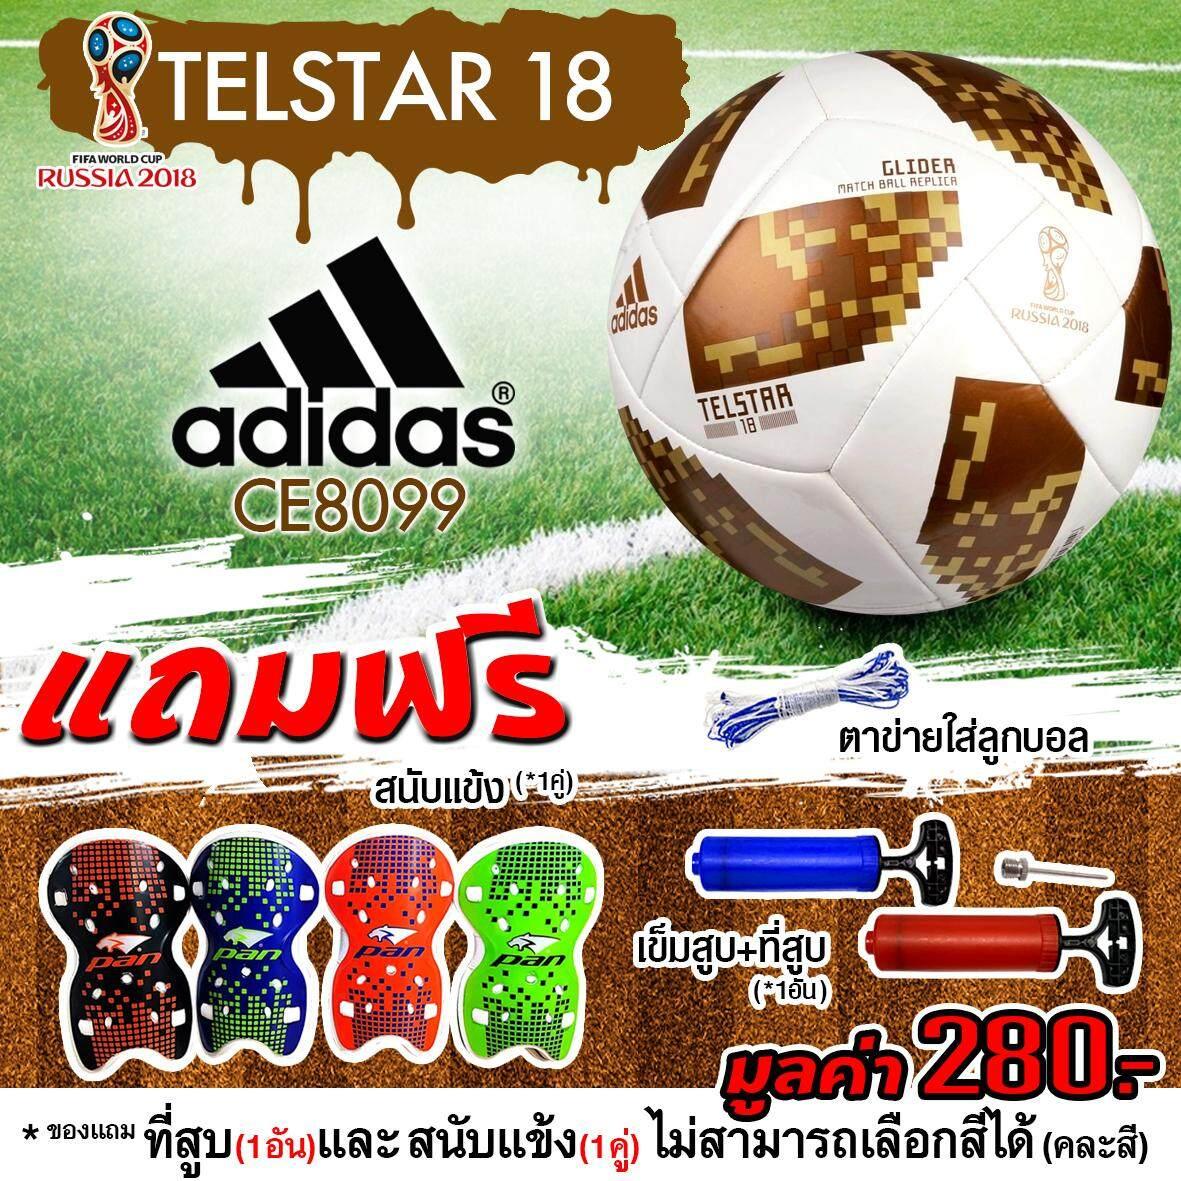 การใช้งาน  ลำพูน ADIDAS ฟุตบอลหนัง เย็บ อาดิดาส Football FIFA World Cup Glide 18 รุ่น Telstar CE8099 (800) แถมฟรี ตาข่ายใส่ลูกฟุตบอล + เข็มสูบสูบลม + สูบมือ HP-04 + สนับแข้ง Shin Guard Pan PSS025(280)